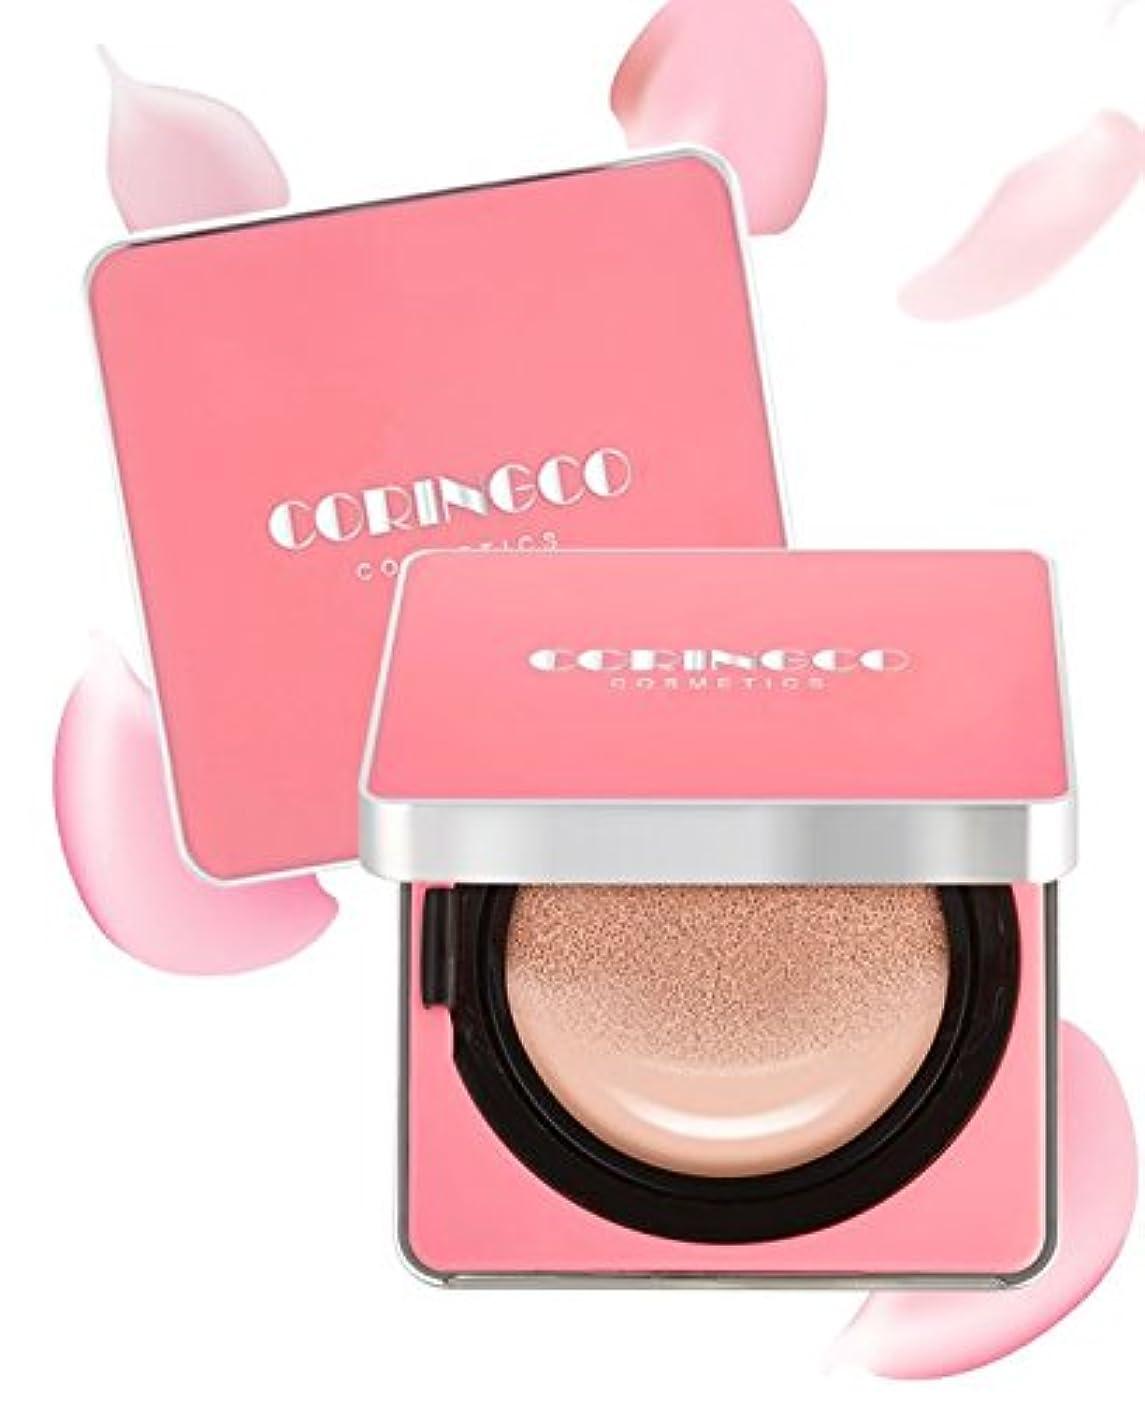 生産的前述の知覚的CORINGCO Cherry Blossom Water Cushion 15g + Refill 15g (#23 Light Beige)/コリンコ チェリーブロッサム ウォーター クッション 15g + リフィル...